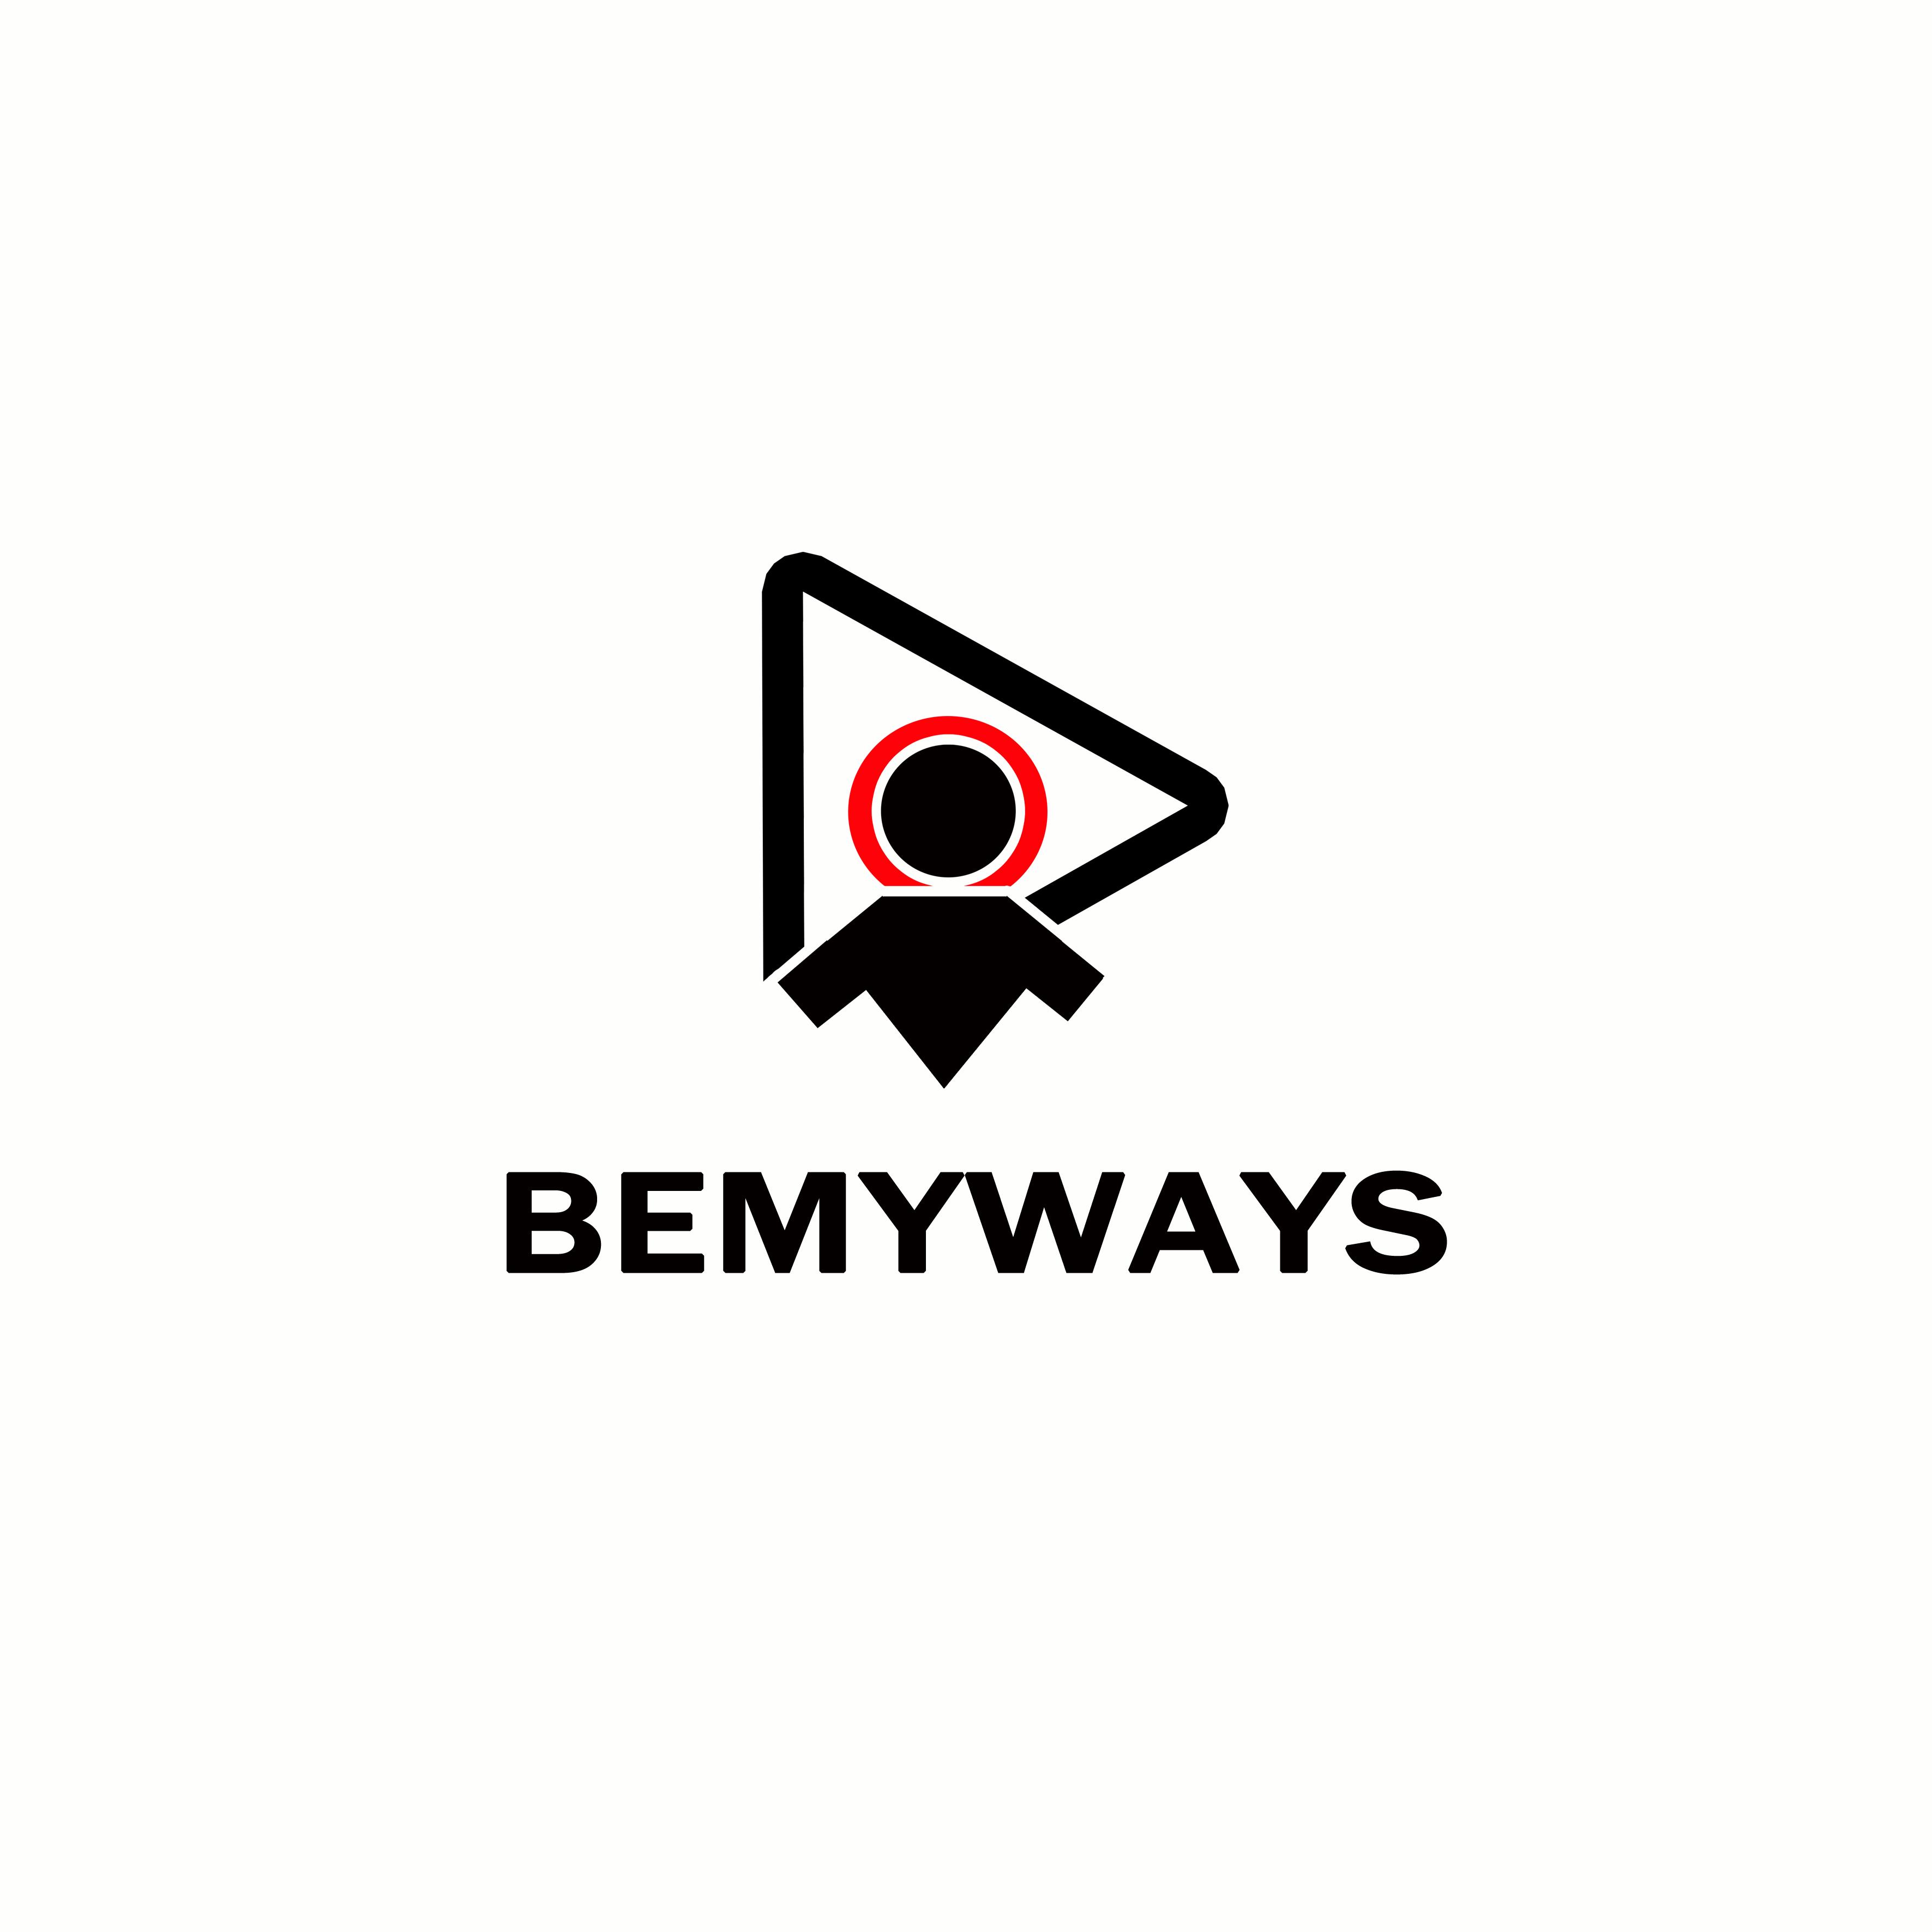 Разработка логотипа и иконки для Travel Video Platform фото f_6105c372cfe06ec6.jpg